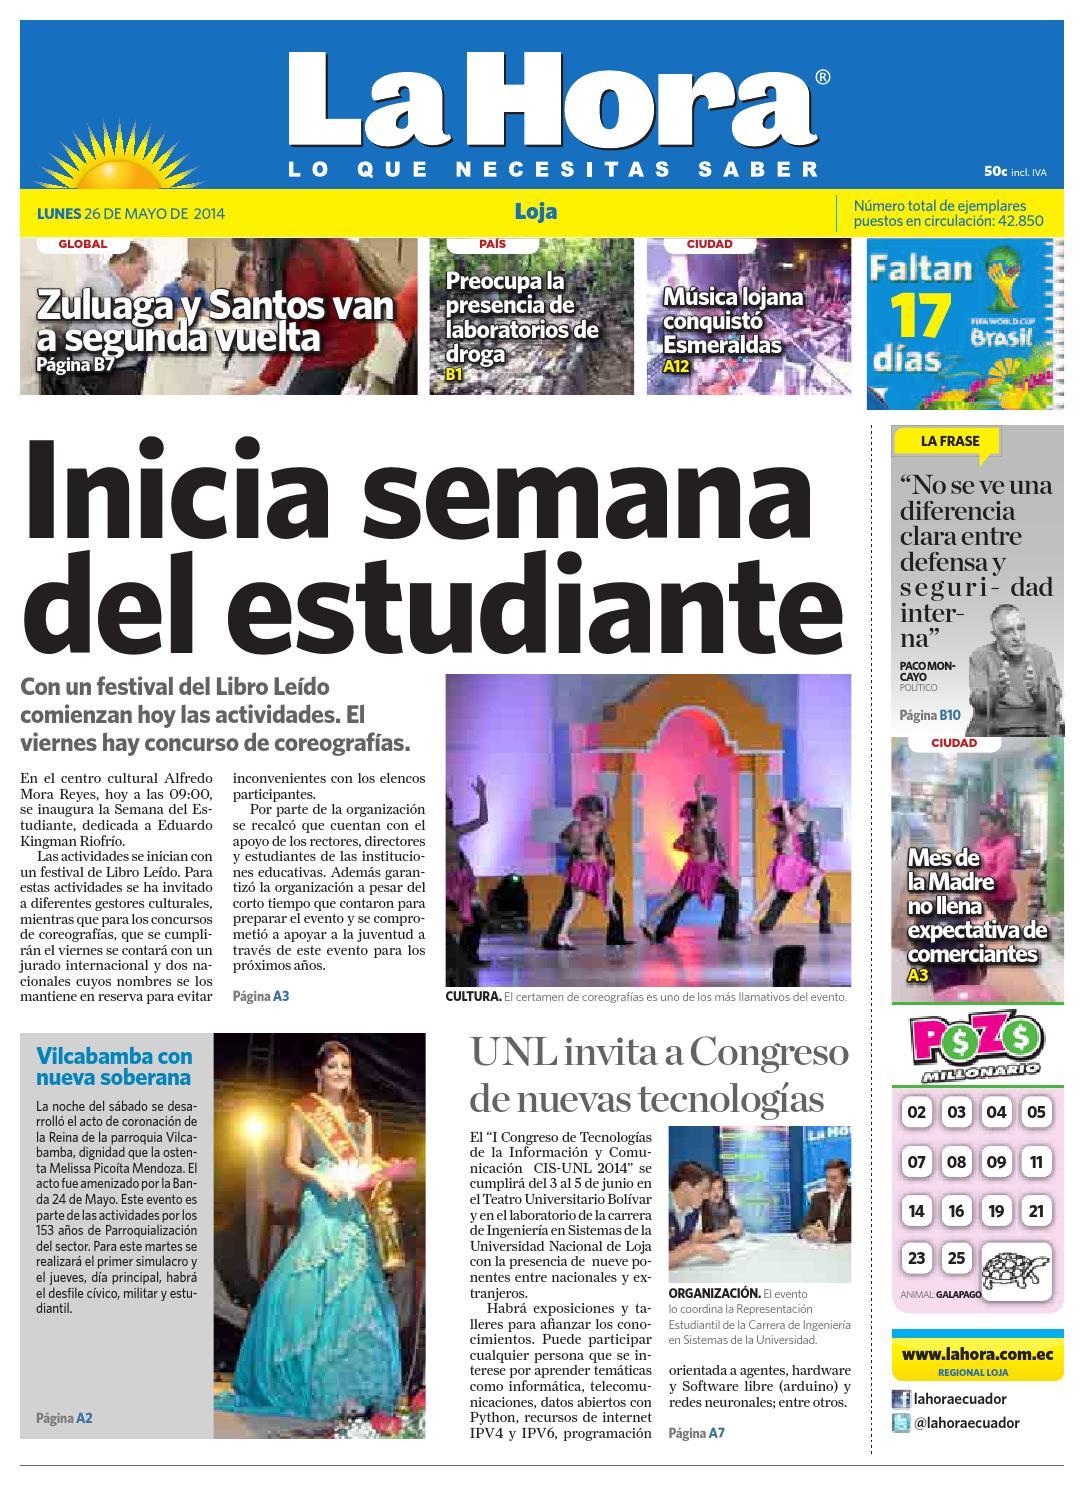 Diario La Hora Loja 26 de Mayo 2014 by Diario La Hora Ecuador - issuu bd8ec2df02f